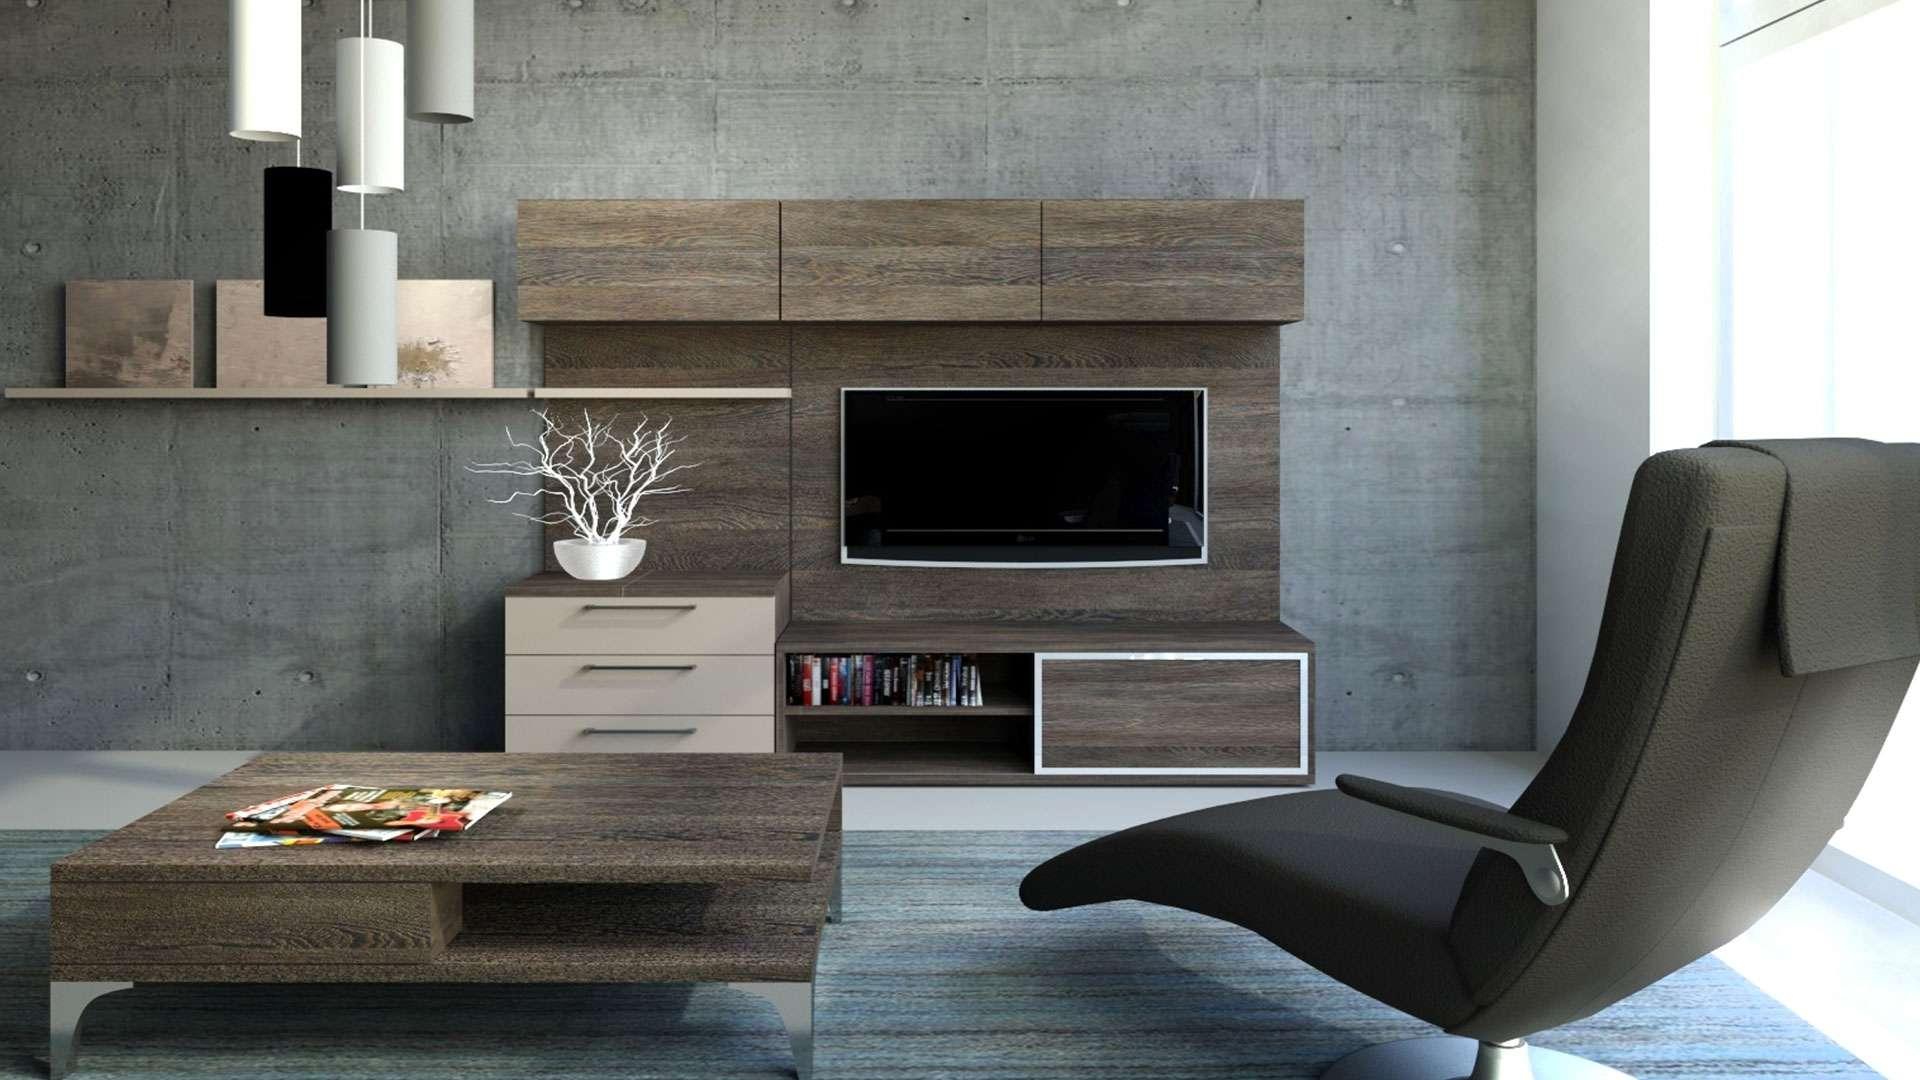 Tv fal és dohányzó asztal a nappaliban